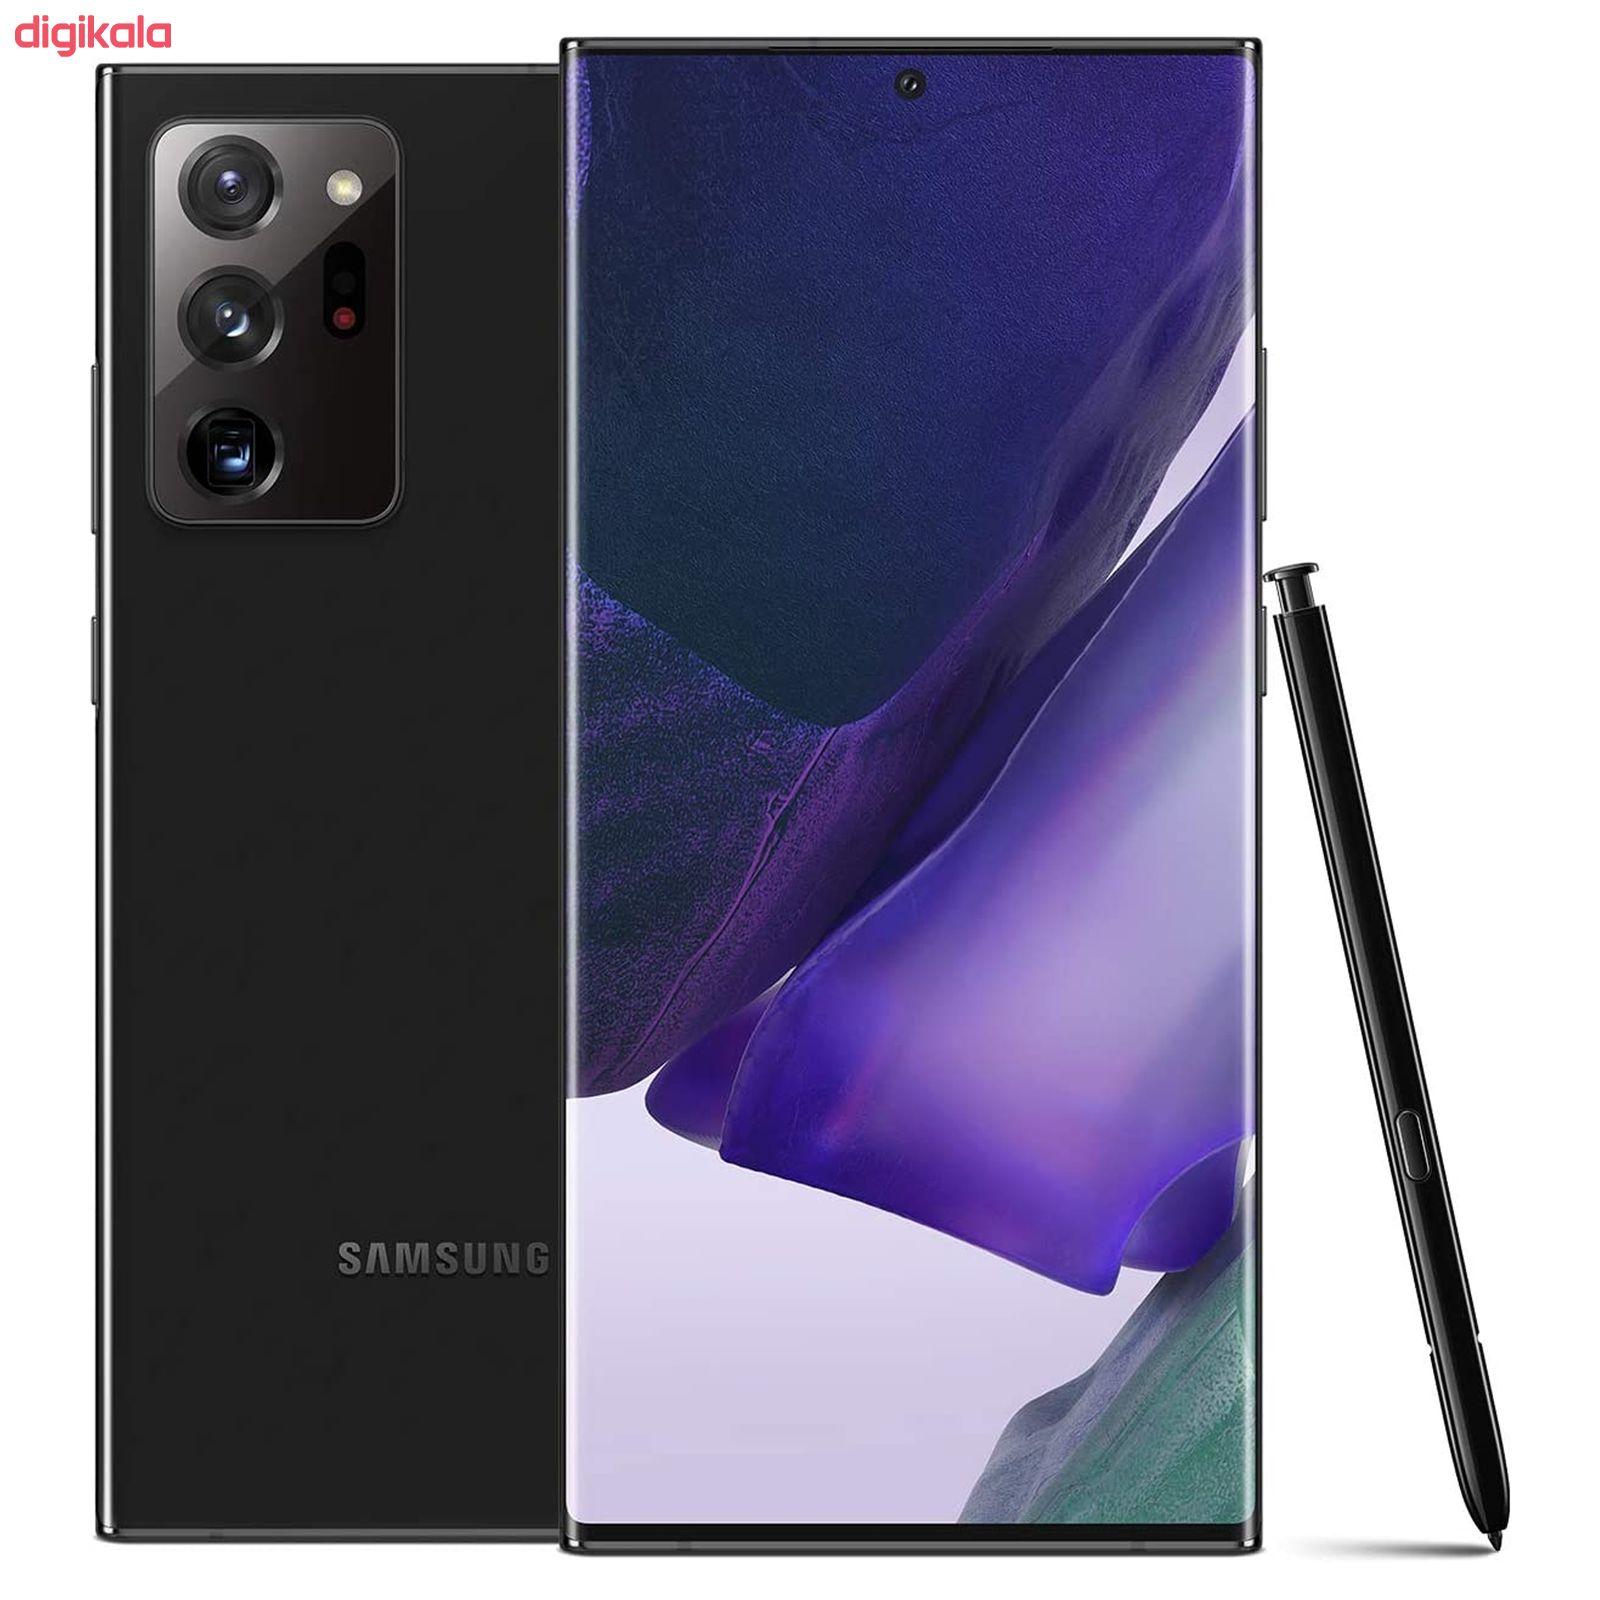 گوشی موبایل سامسونگ مدل Galaxy Note20 Ultra SM-N985F/DS دو سیم کارت ظرفیت 256 گیگابایت  main 1 10